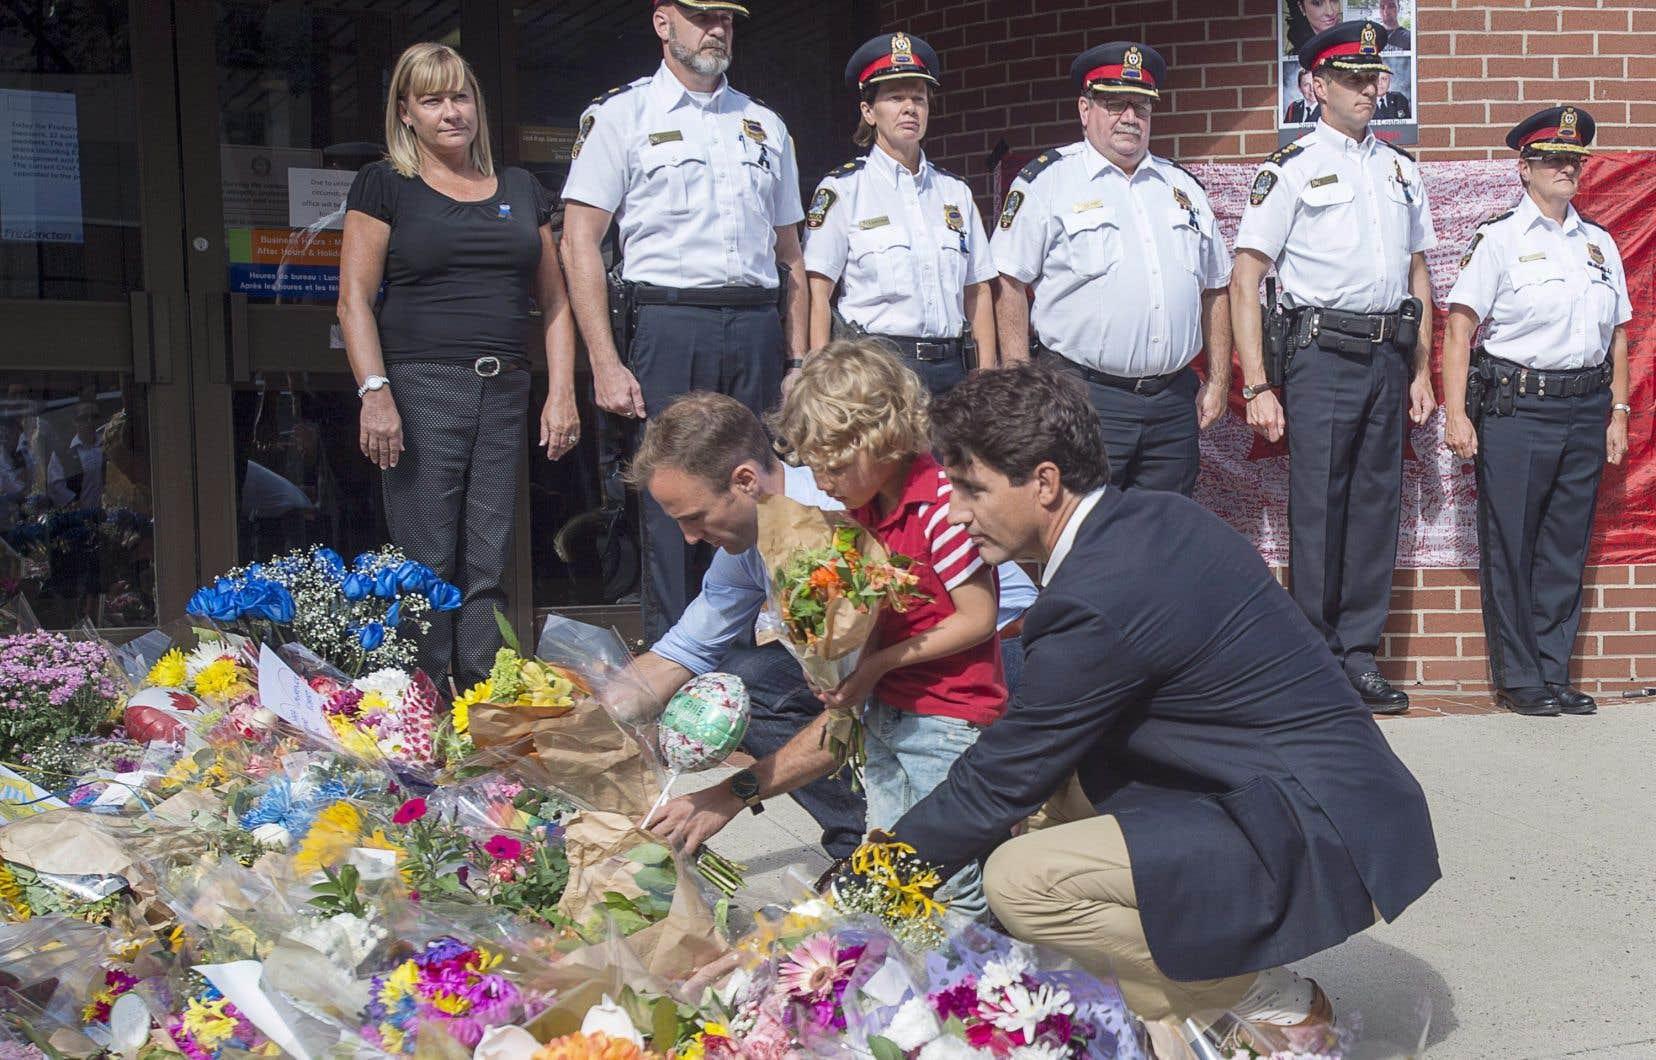 Accompagné de son fils Hadrien, le premier ministre Justin Trudeau s'est rendu au quartier général de la Force policière de Fredericton pour déposer des fleurs au mémorial dédié aux victimes.